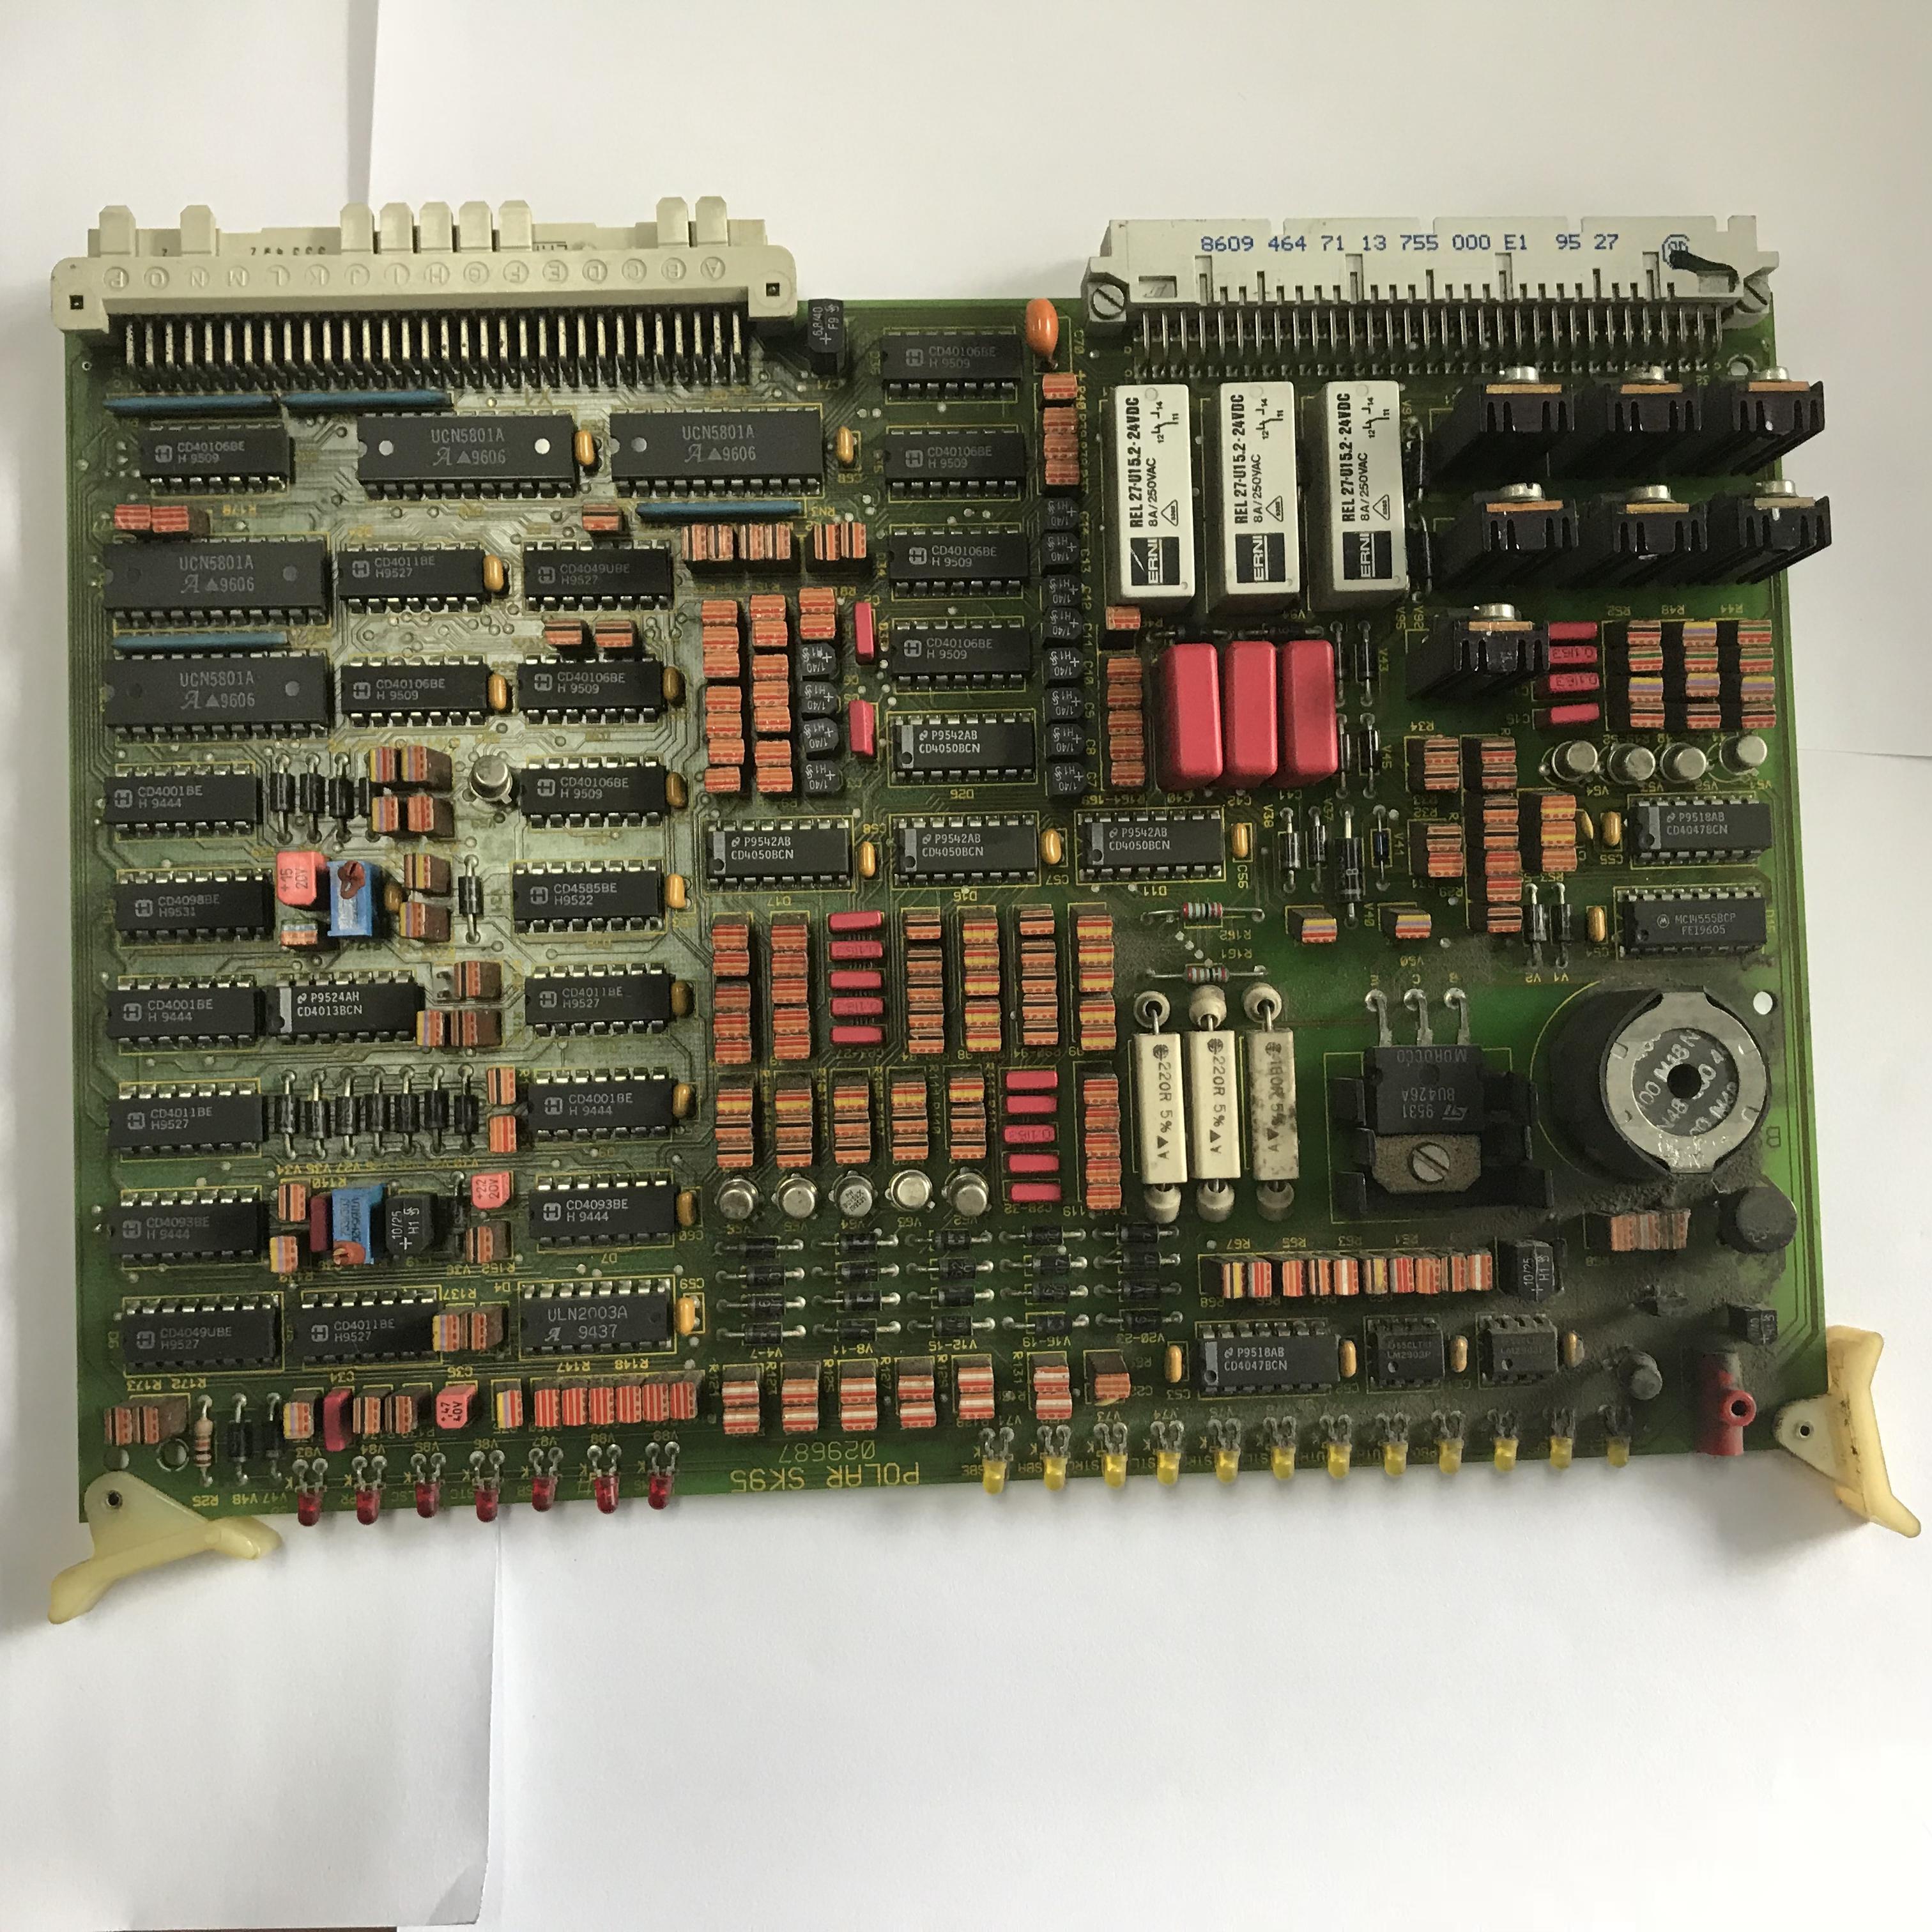 Polar 115 электрический щит оригинальный E1 круг карты и вторая рука высокого качества международного стандарта на продажу